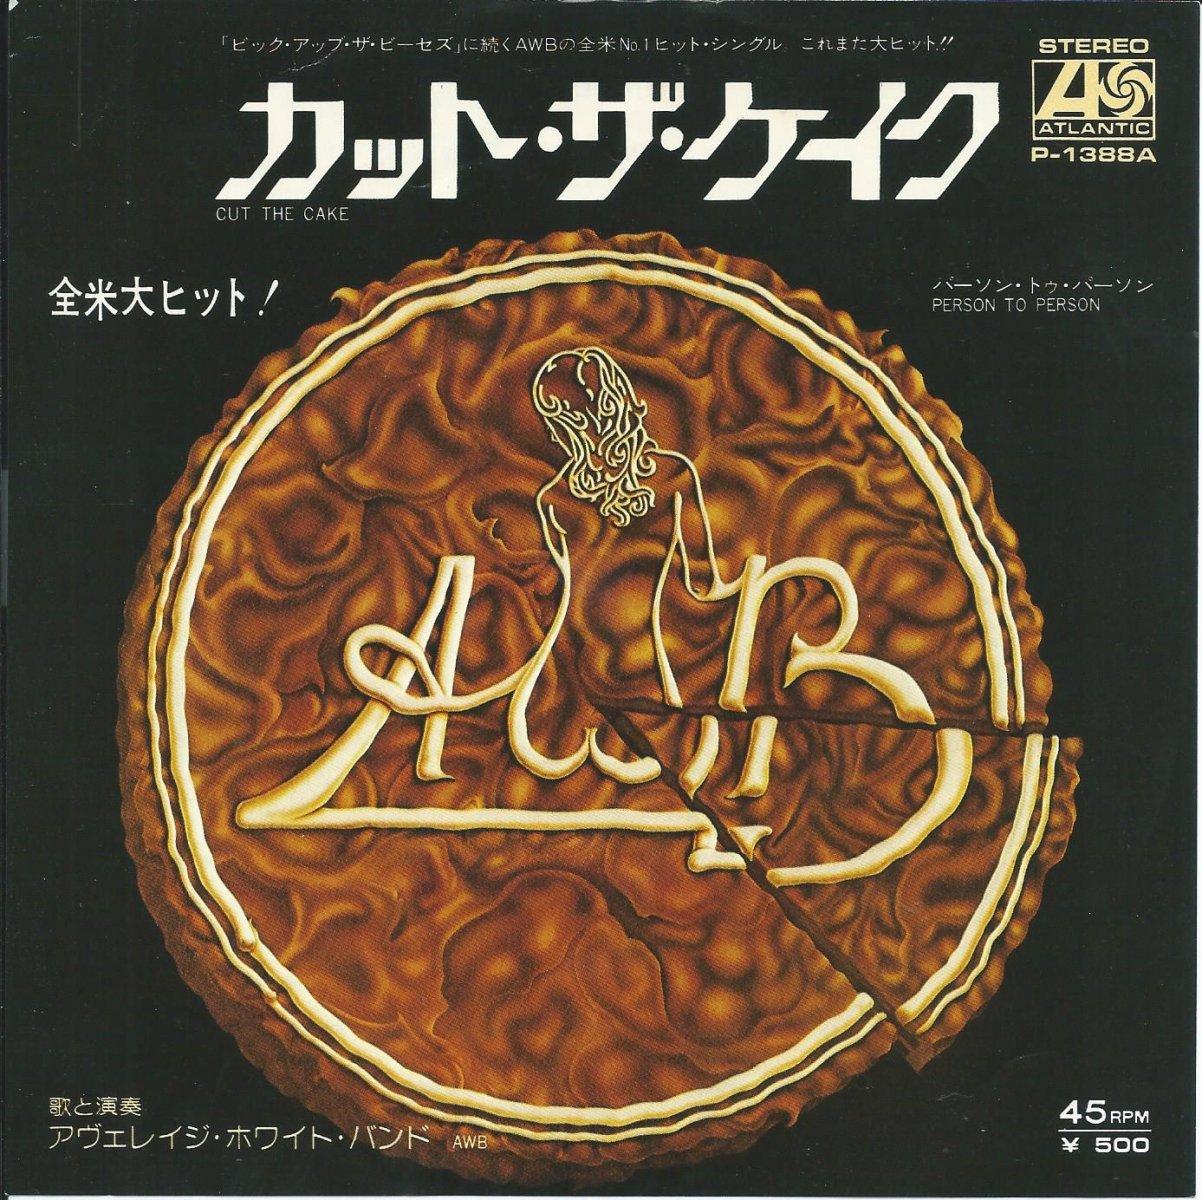 アヴェレイジ・ホワイト・バンド AWB / カット・ザ・ケイク CUT THE CAKE (7